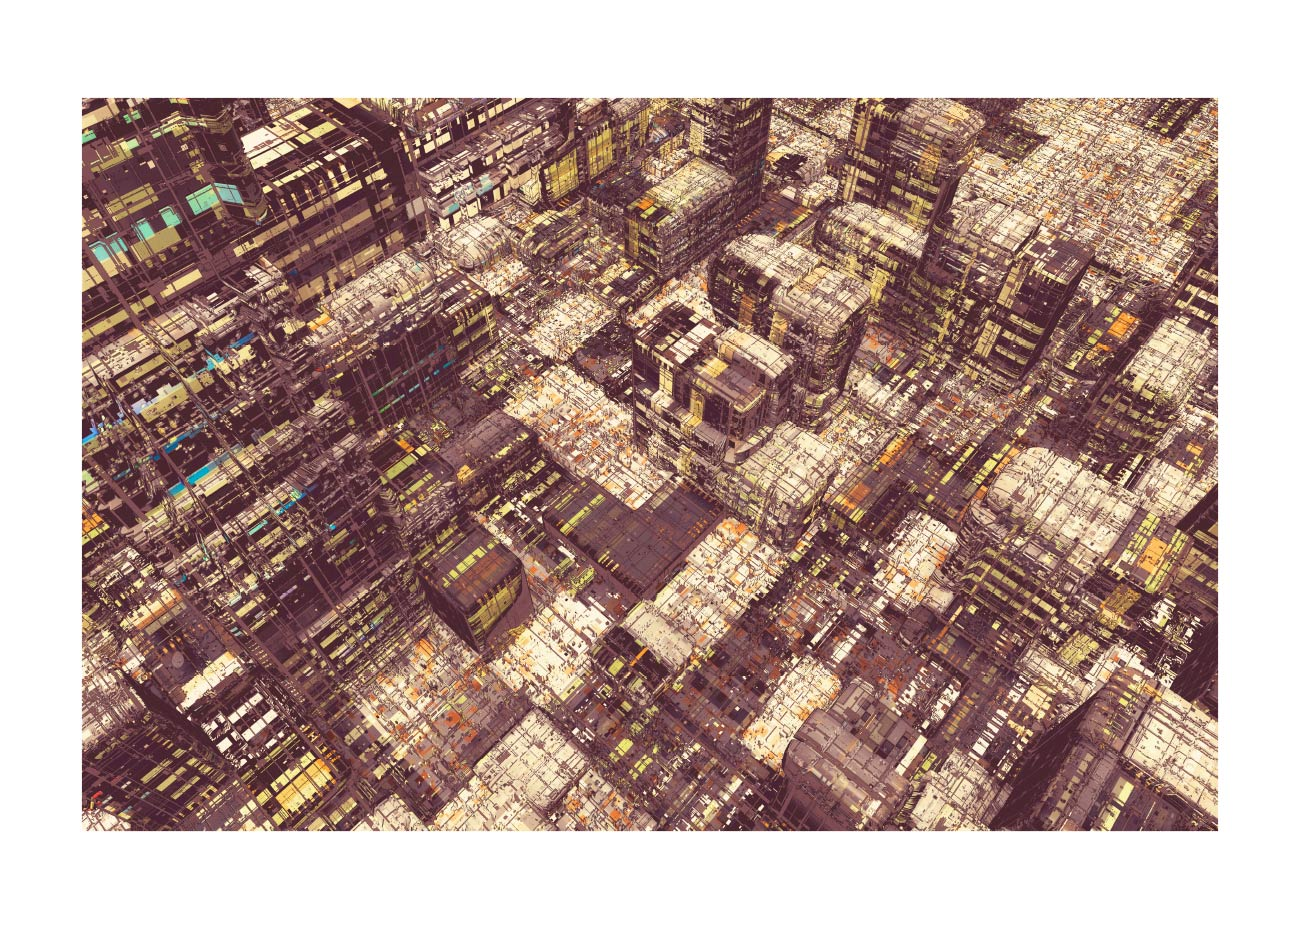 CITIES 08